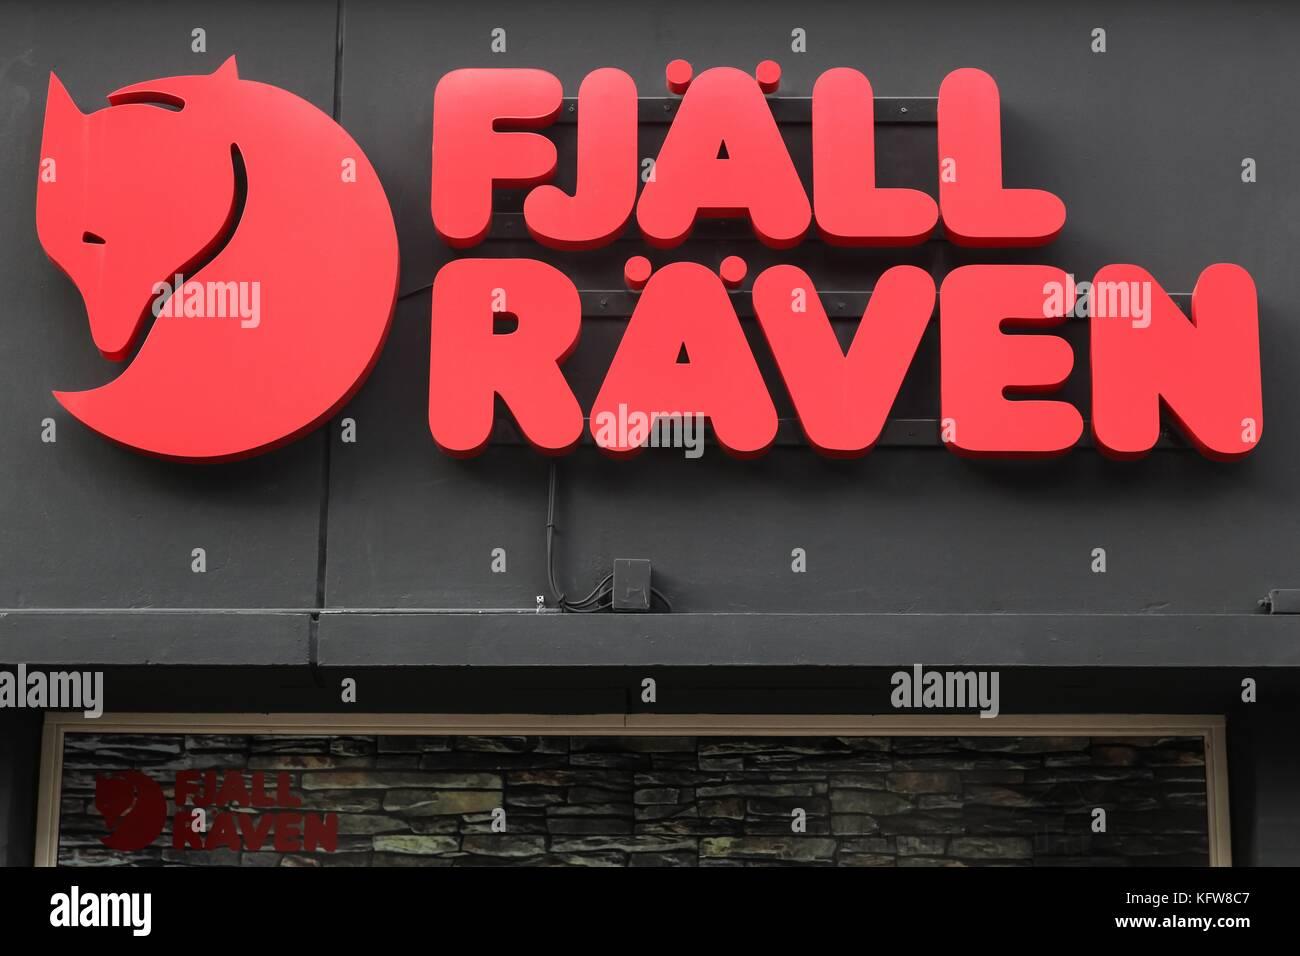 Aarhus, Dänemark - 4 April 2017: fjallraven Logo auf einer Wand. fjallraven ist ein schwedisches Unternehmen Stockbild